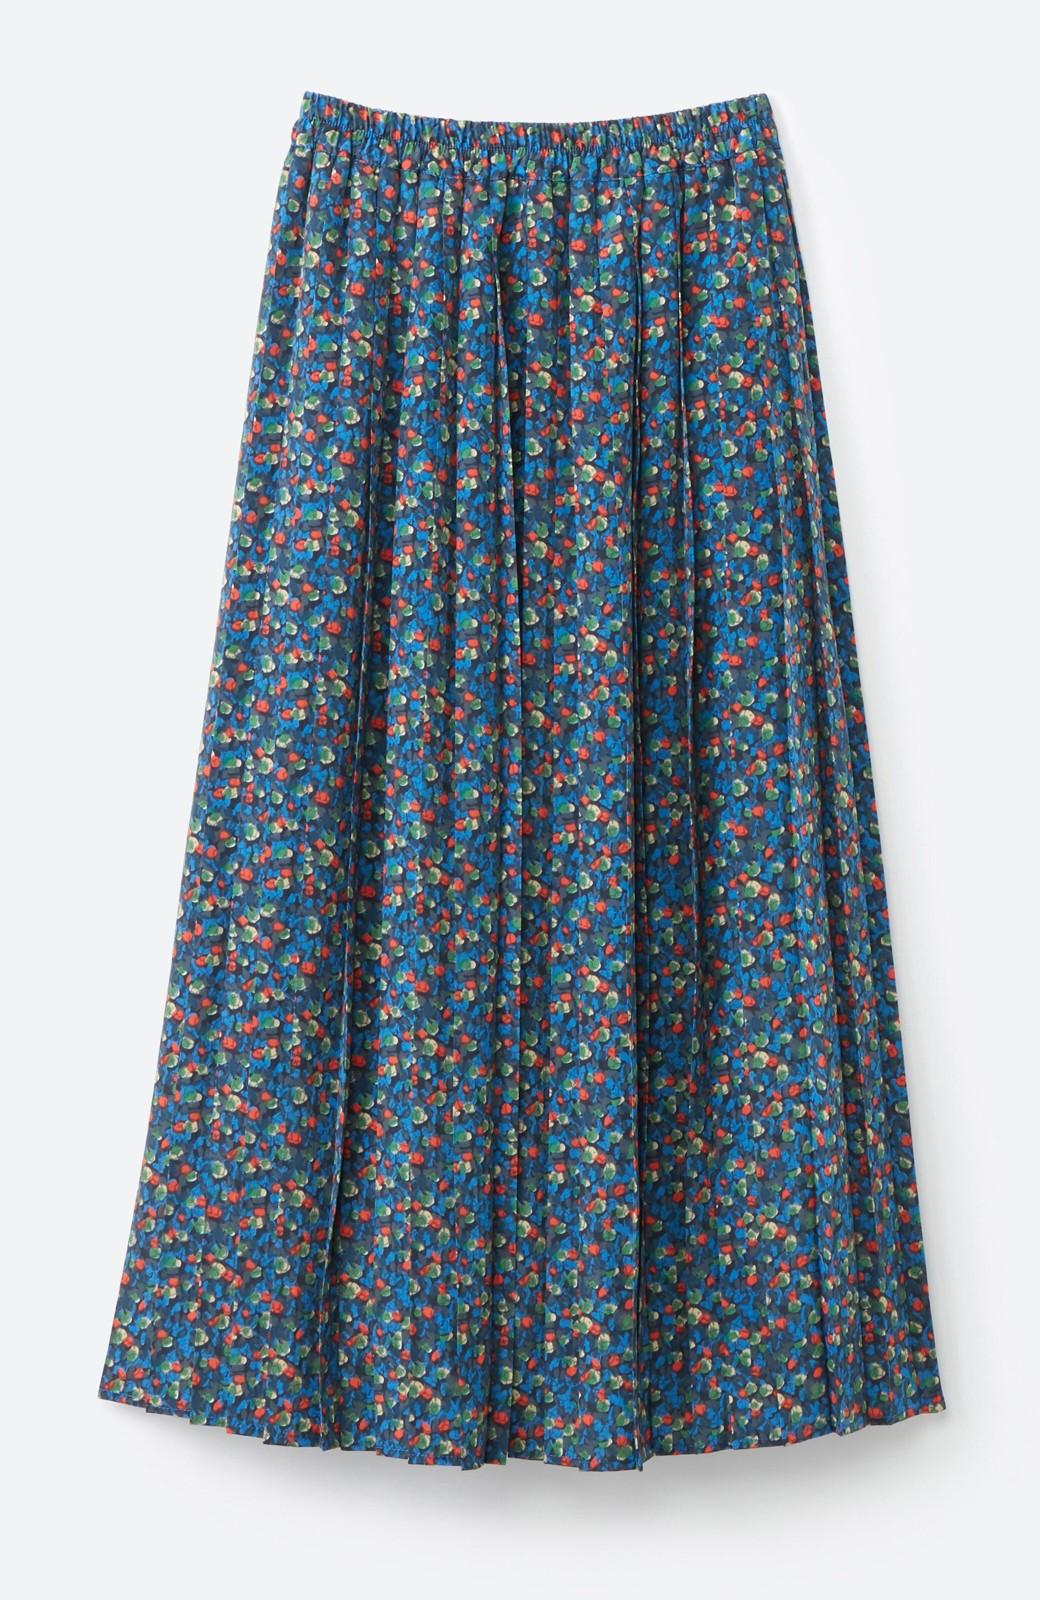 haco! これを着てお出かけしたくなる!はきやすくて気分が上がる花柄プリーツスカート <ブルー系その他>の商品写真2